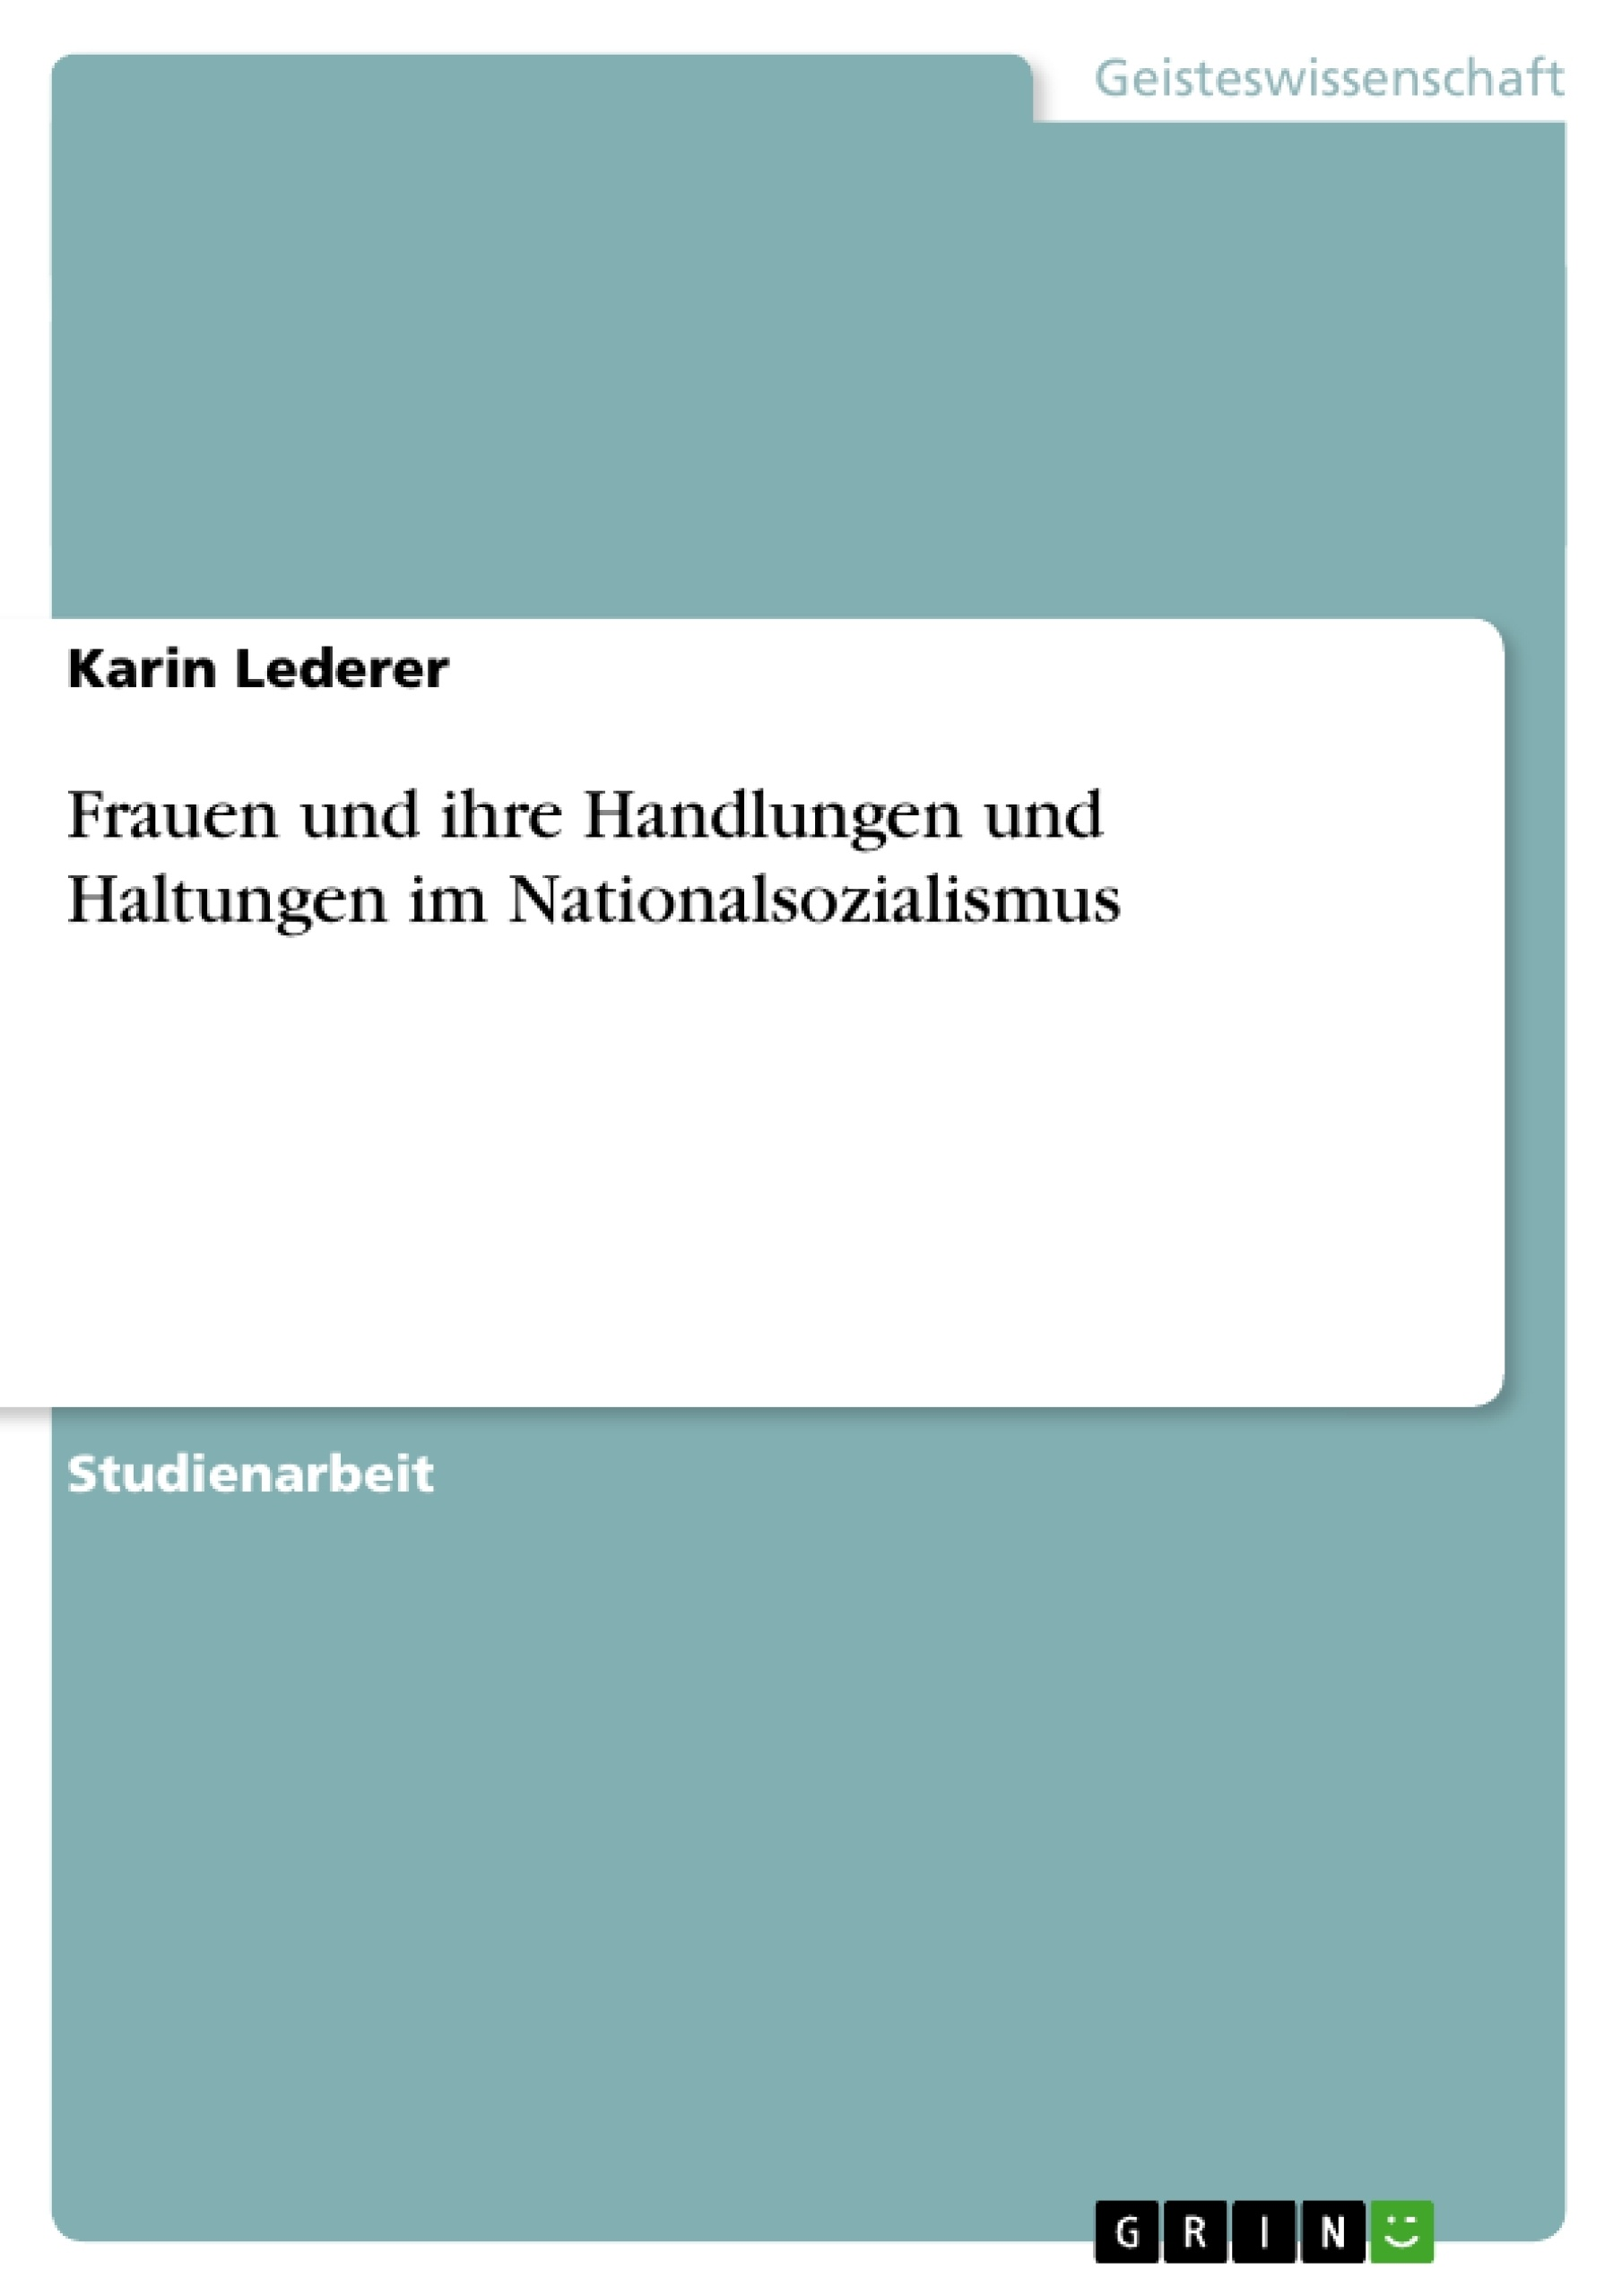 Titel: Frauen und ihre Handlungen und Haltungen im Nationalsozialismus